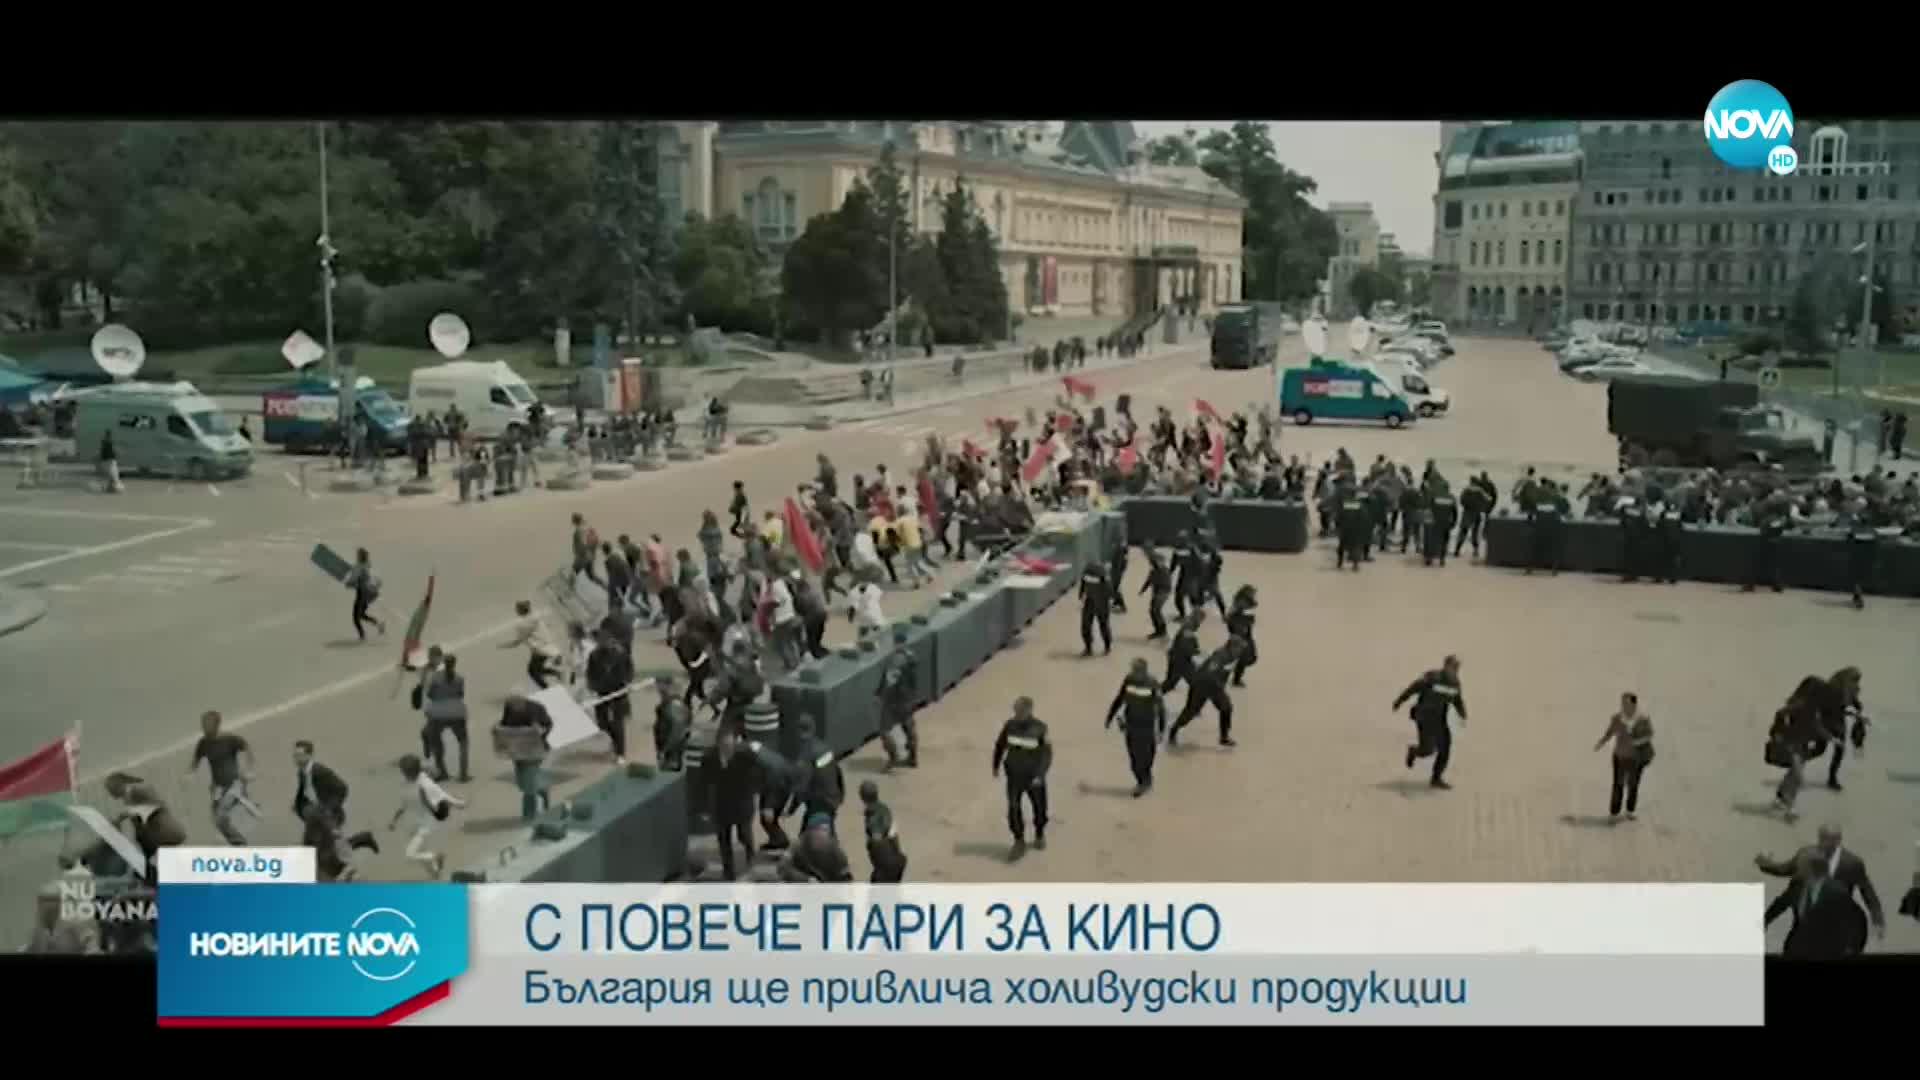 България ще привлича холивудски продукции с повече пари за кино